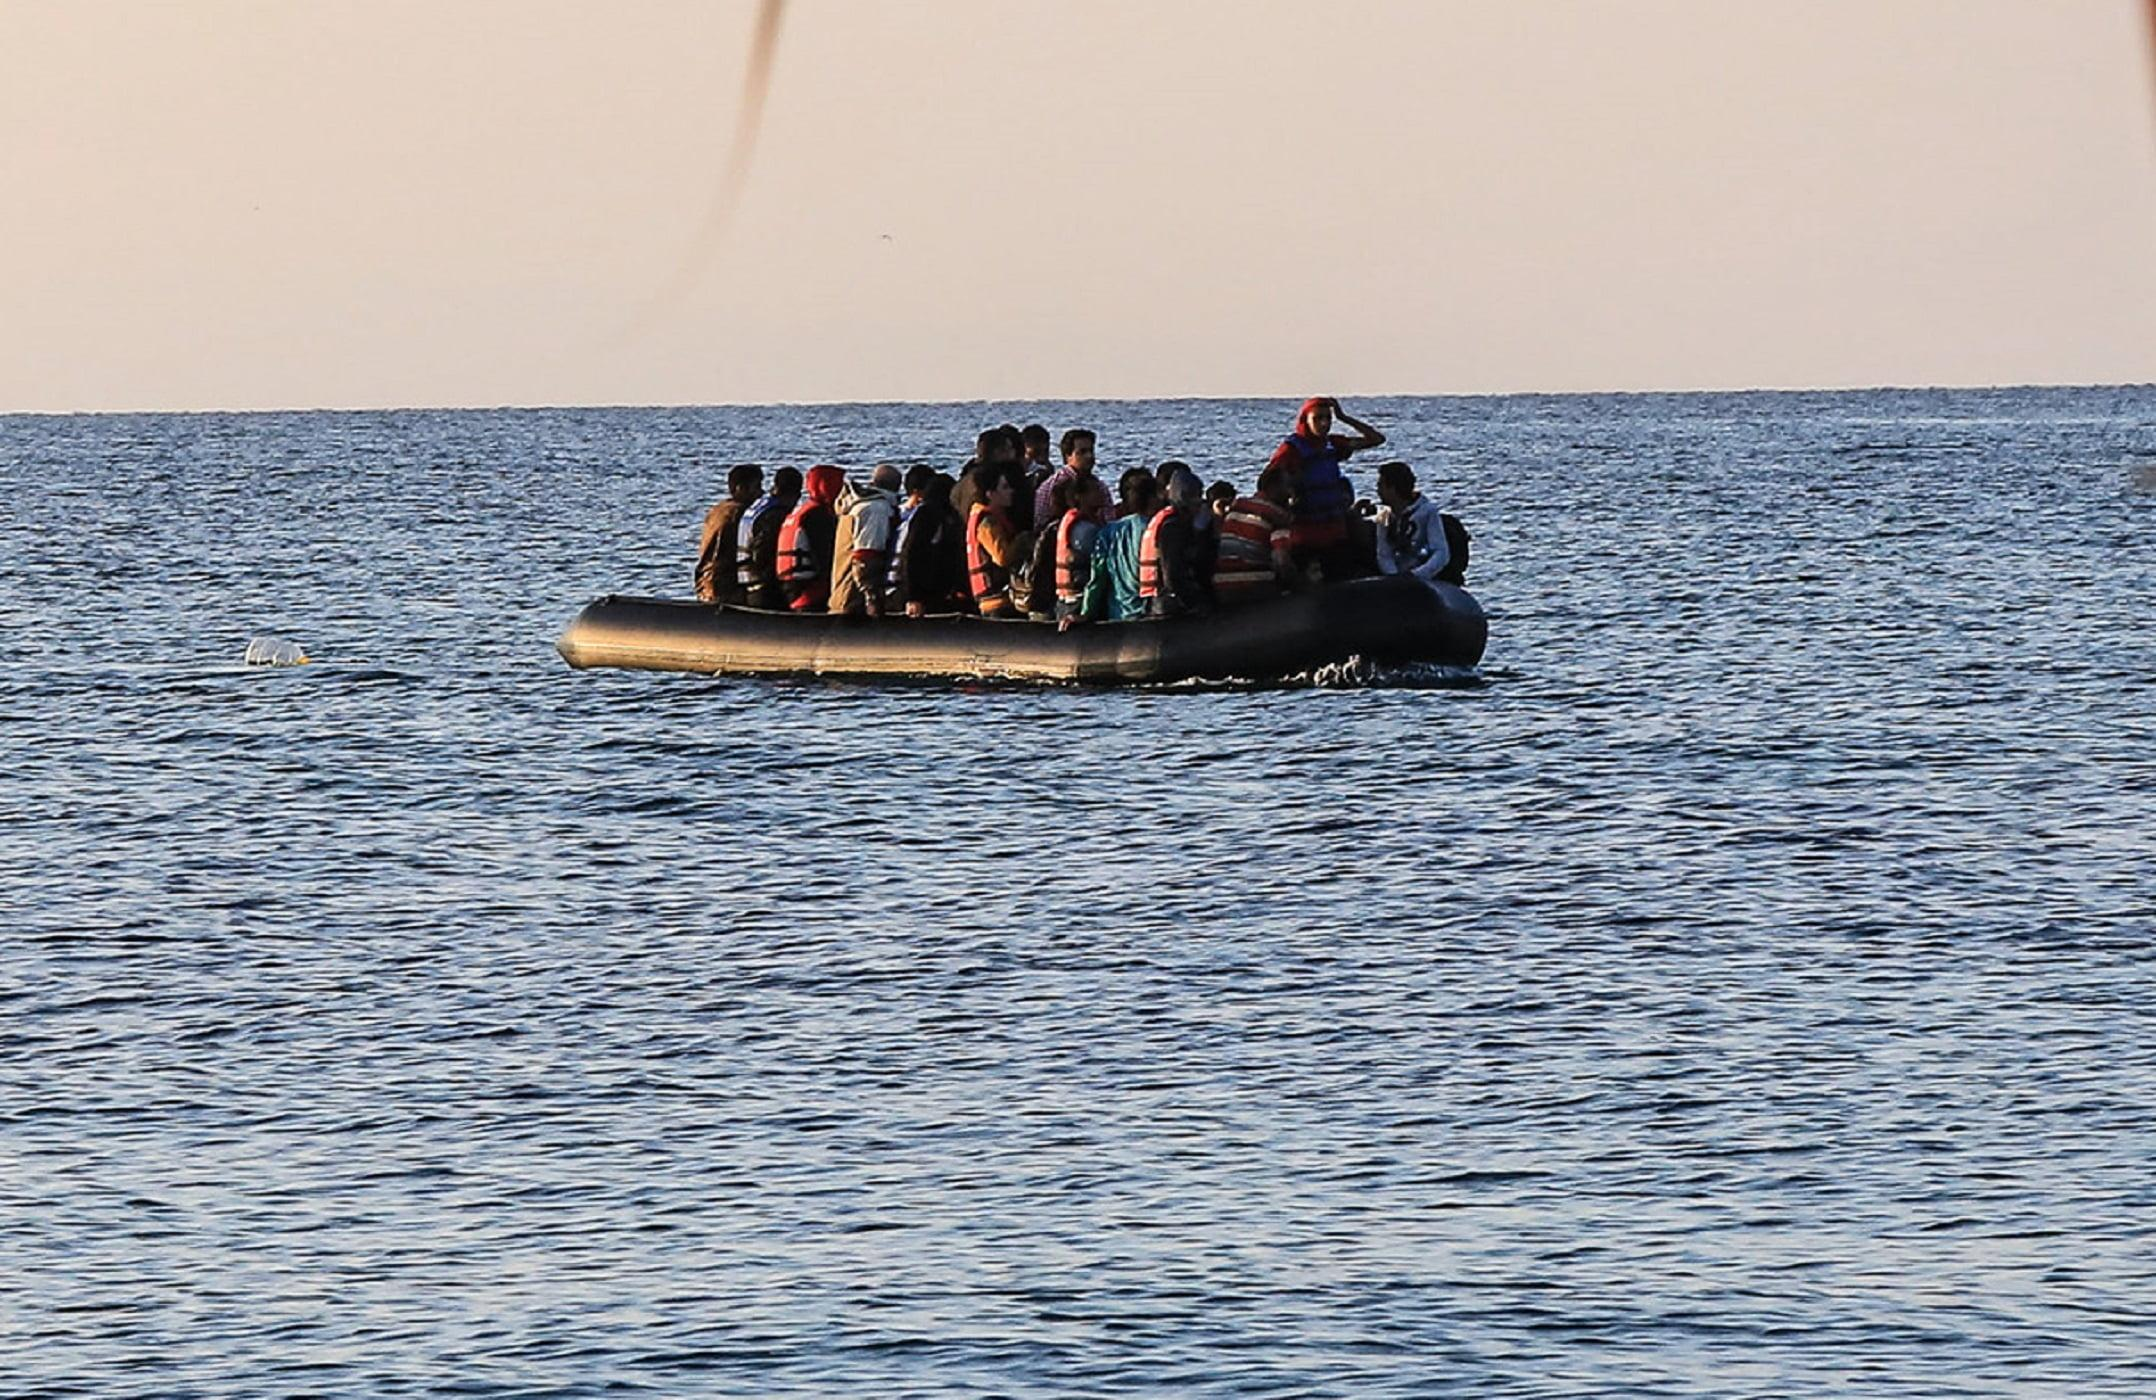 Συναγερμός: Η Τουρκία ετοιμάζεται να προωθήσει μετανάστες με κορονοϊό στα ελληνικά νησιά!